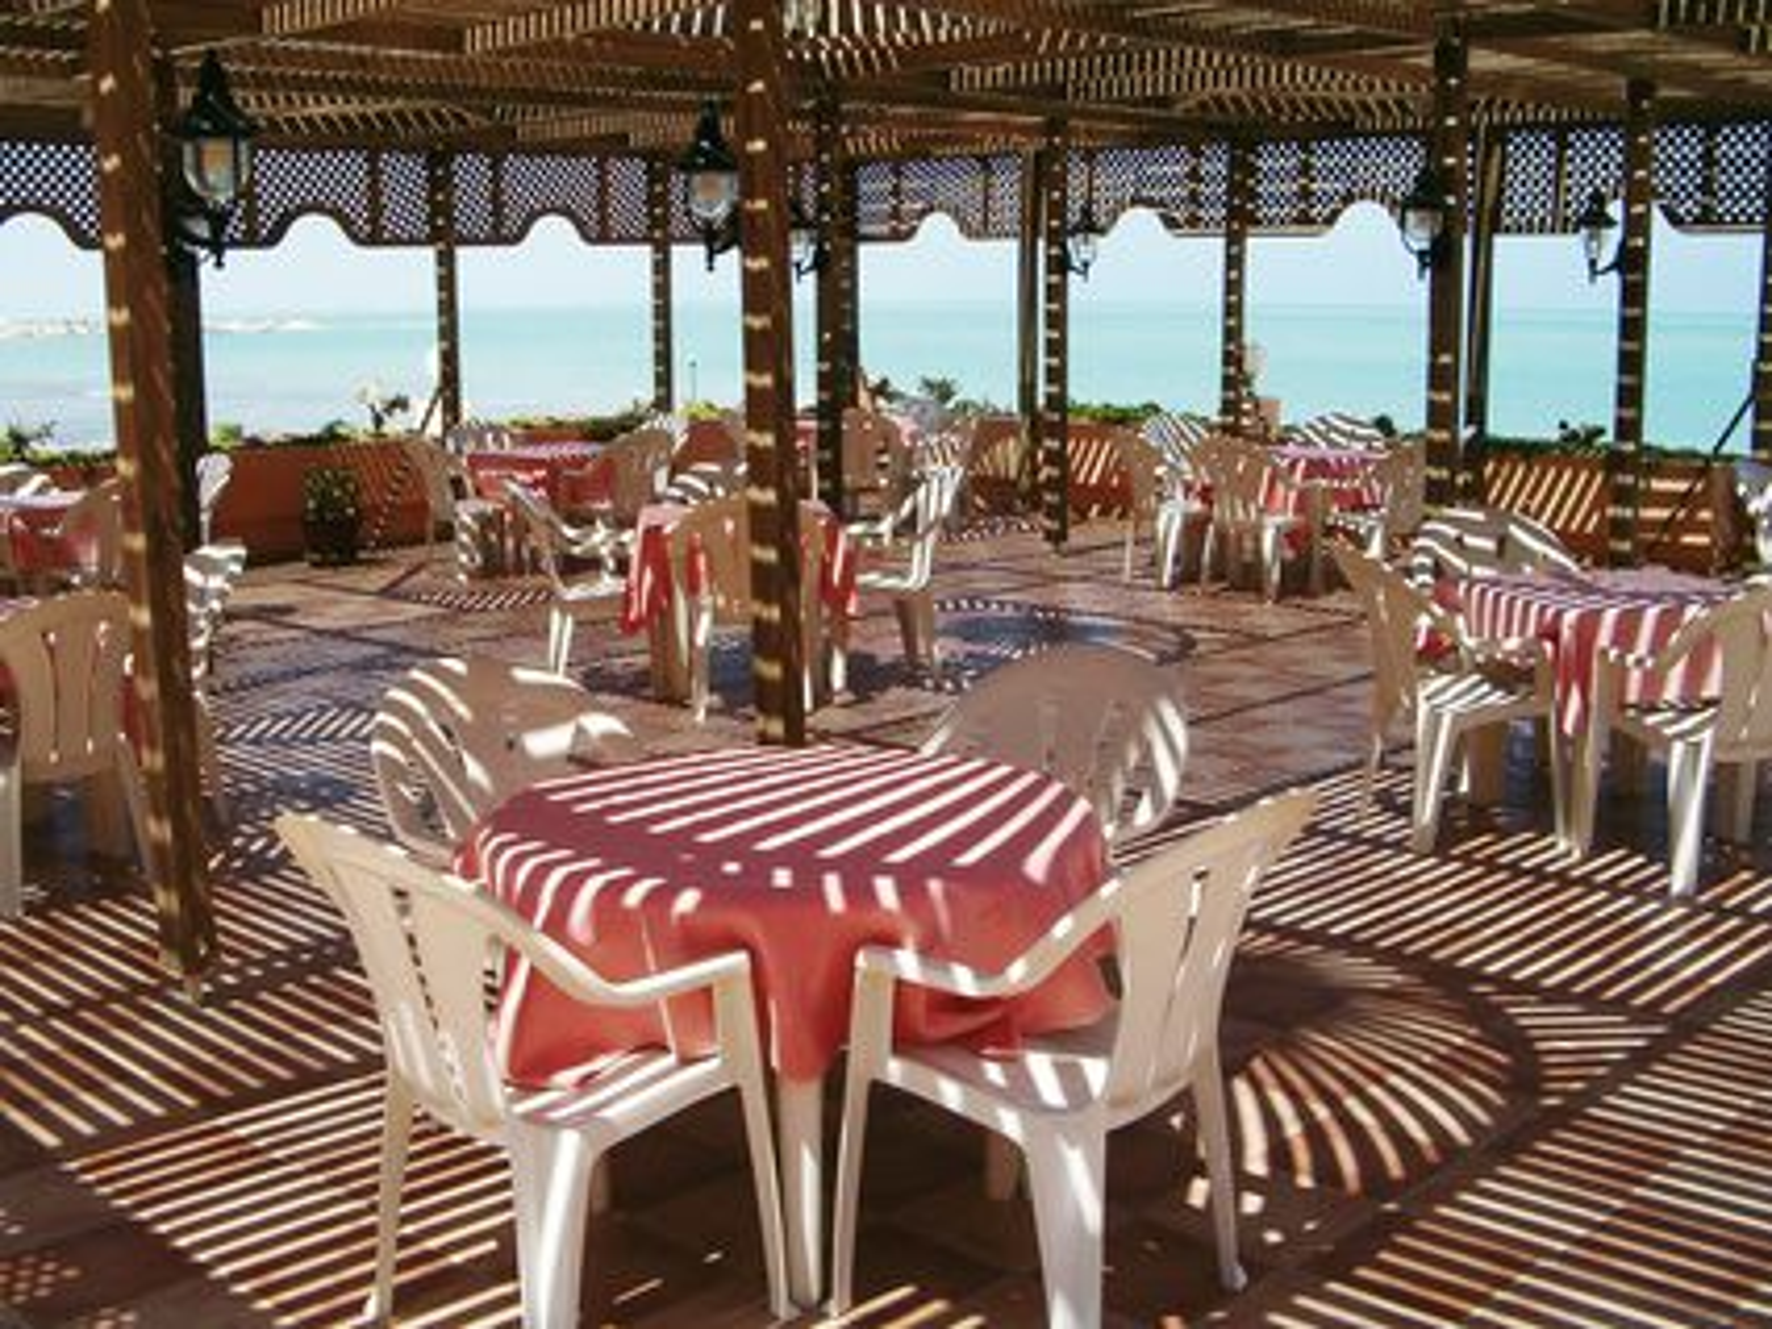 Tunisie - Zarzis - Hôtel Oasis Marine 3*